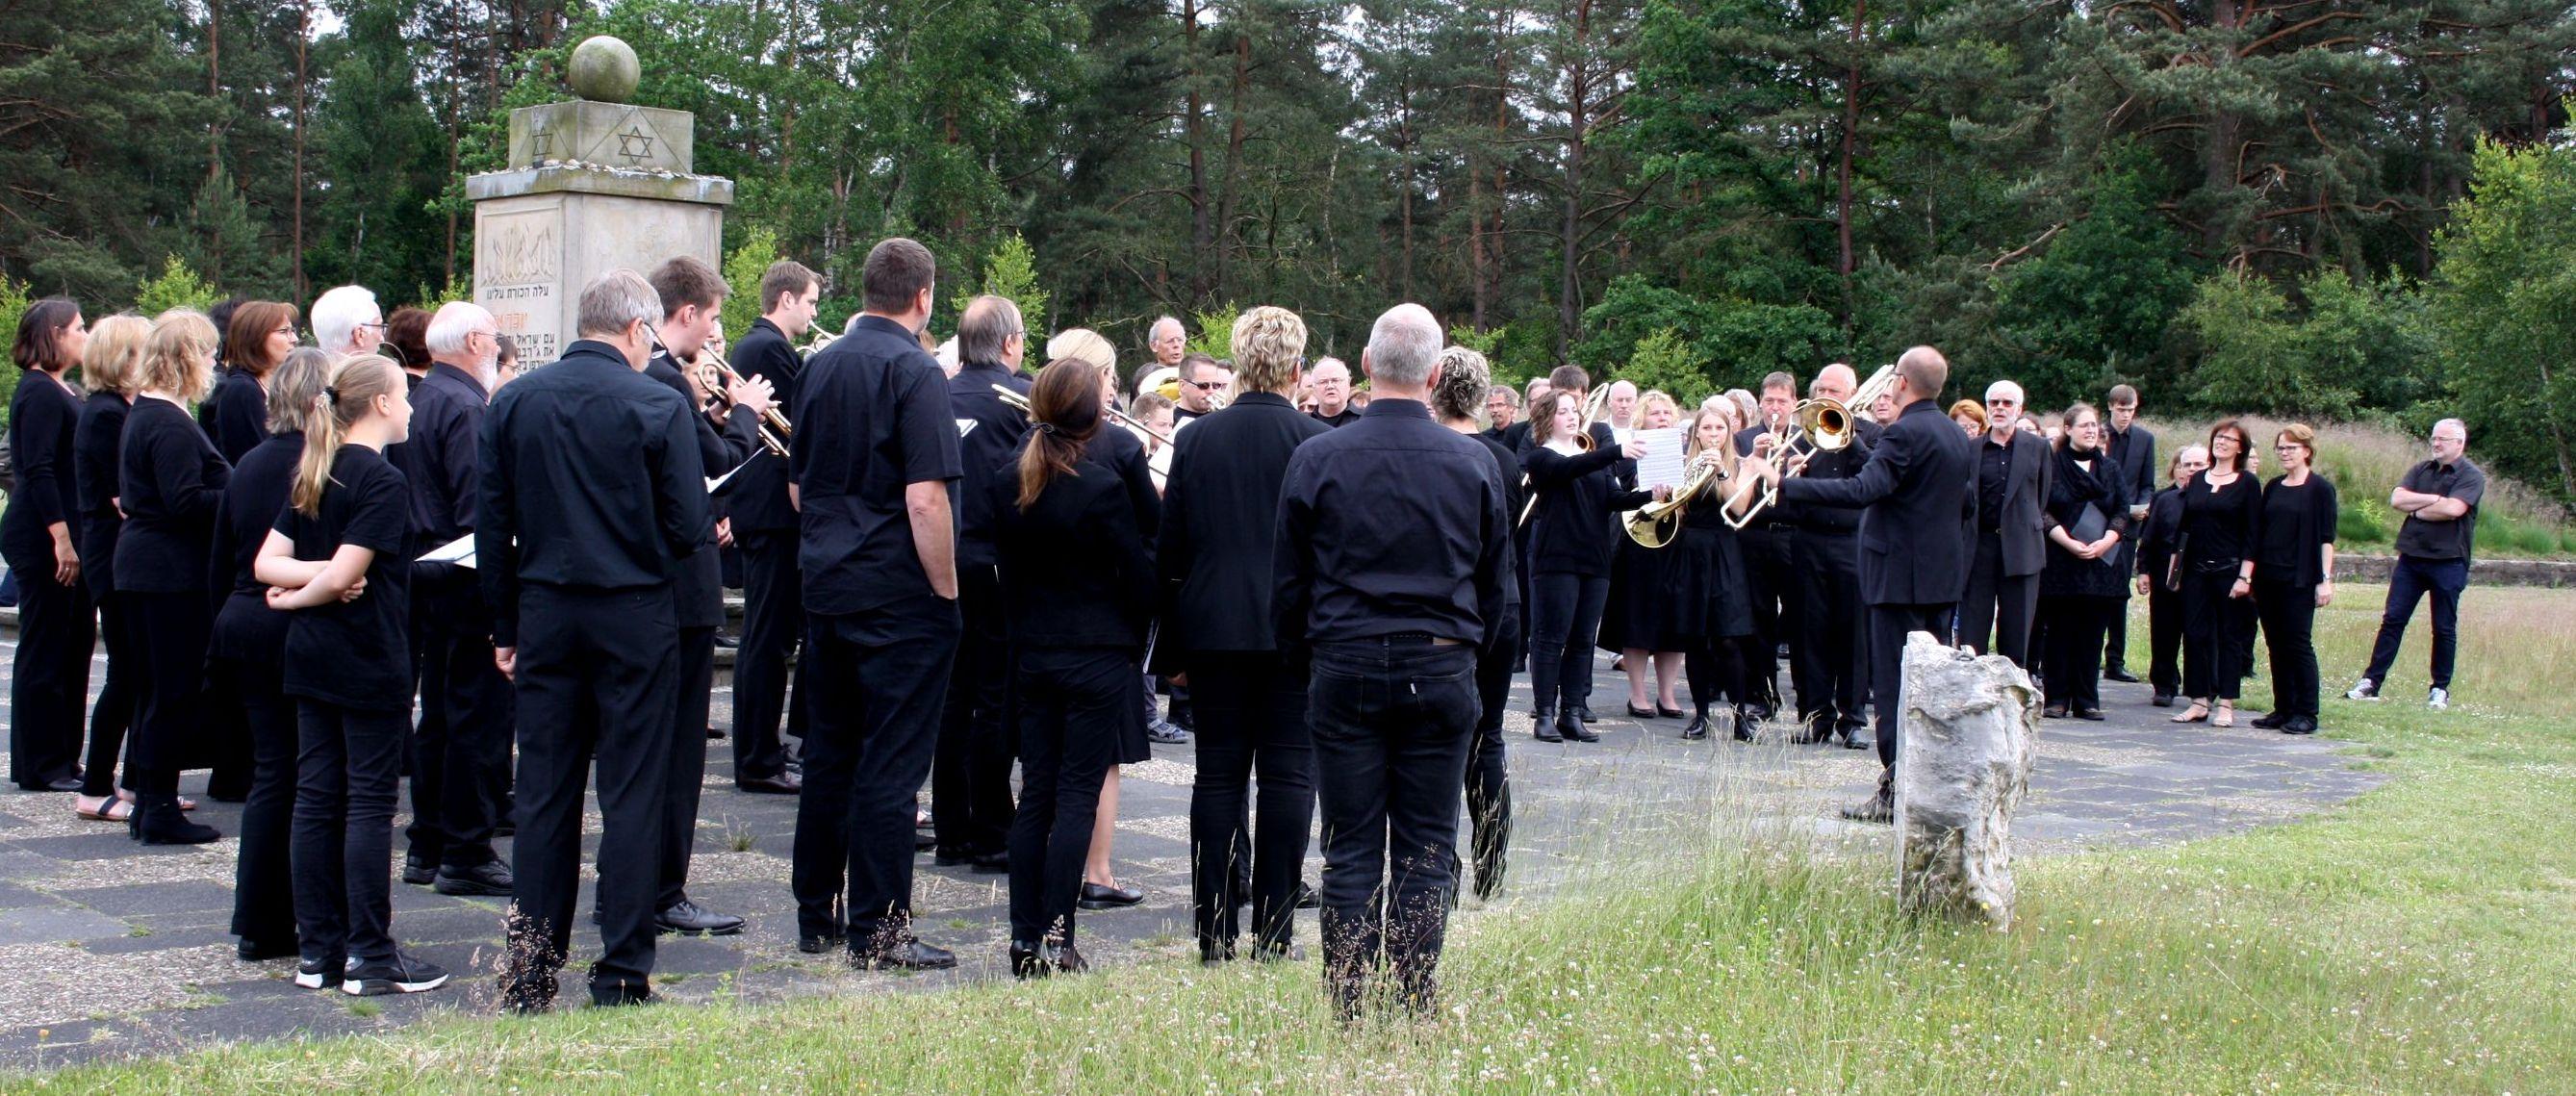 Anne-Frank-Oratorium in Bergen-Belsen